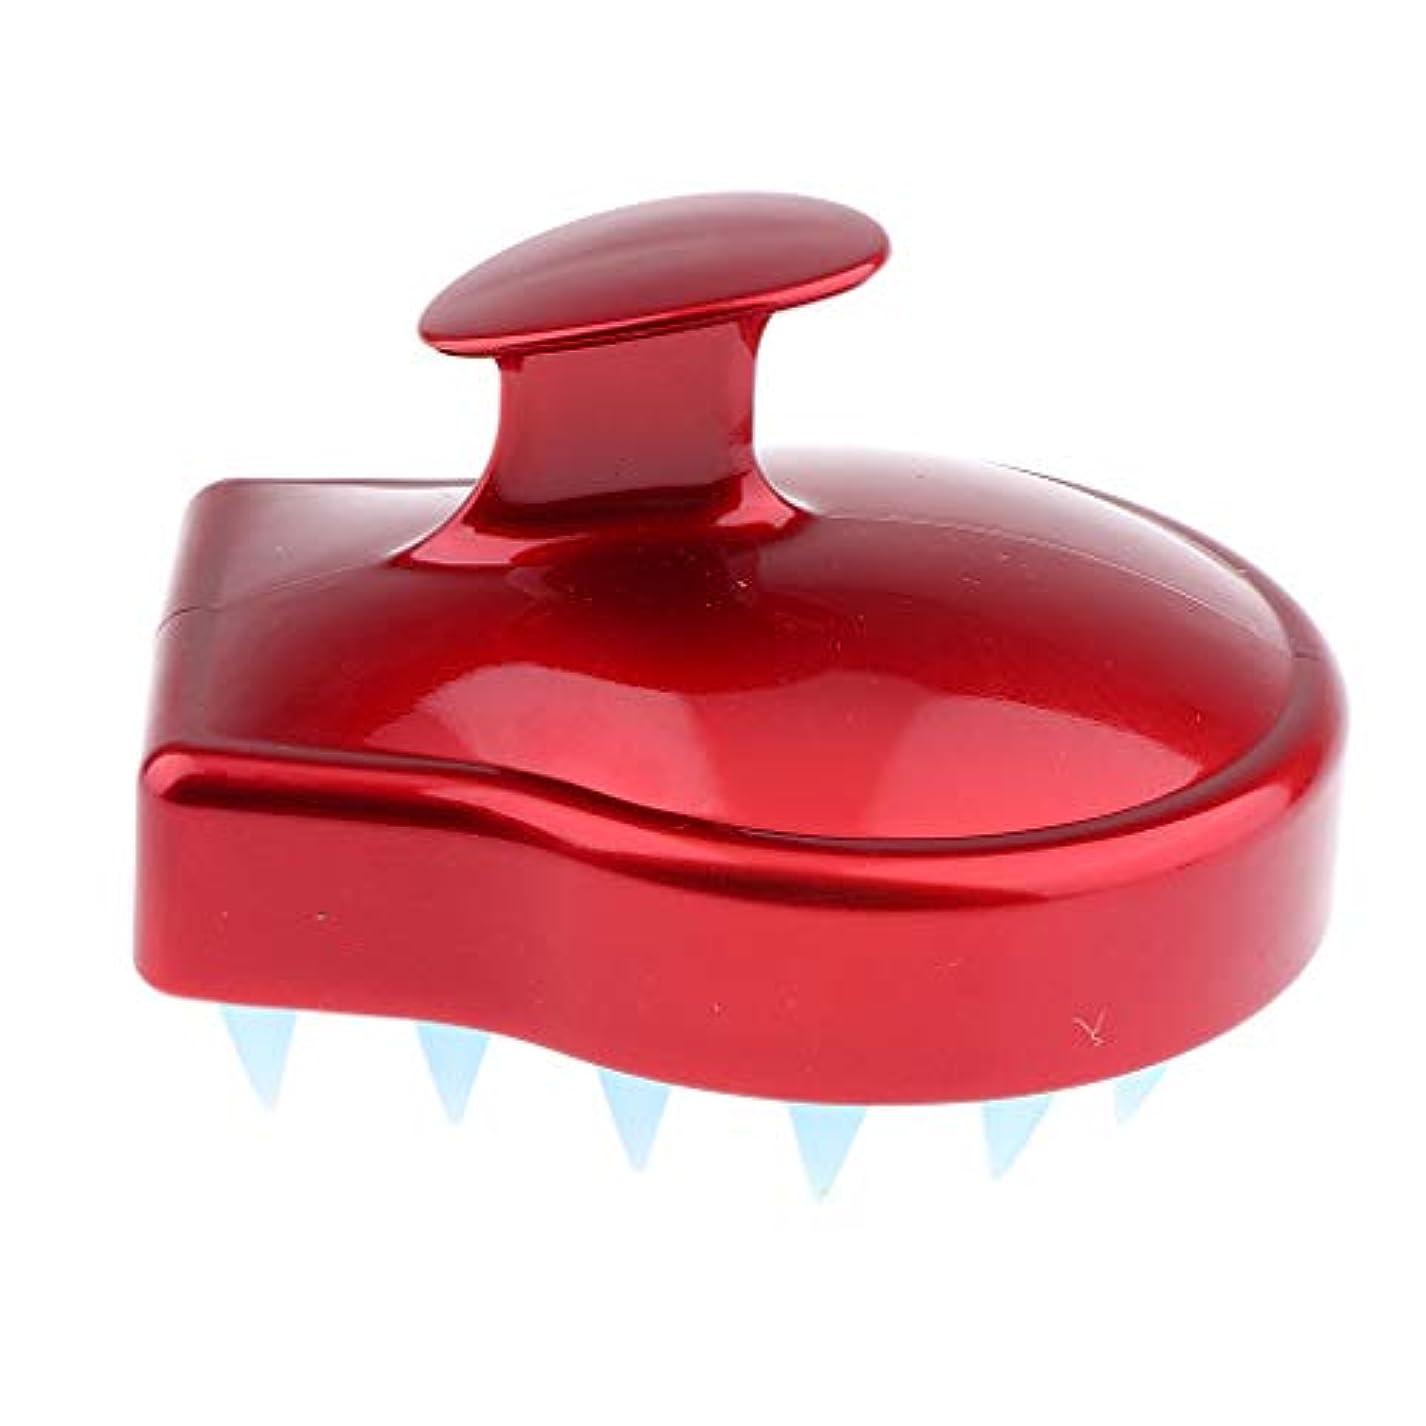 所得徒歩で可決洗髪ブラシ シャンプーシャワーブラシ ソフトシリコン 頭皮マッサージ 赤い